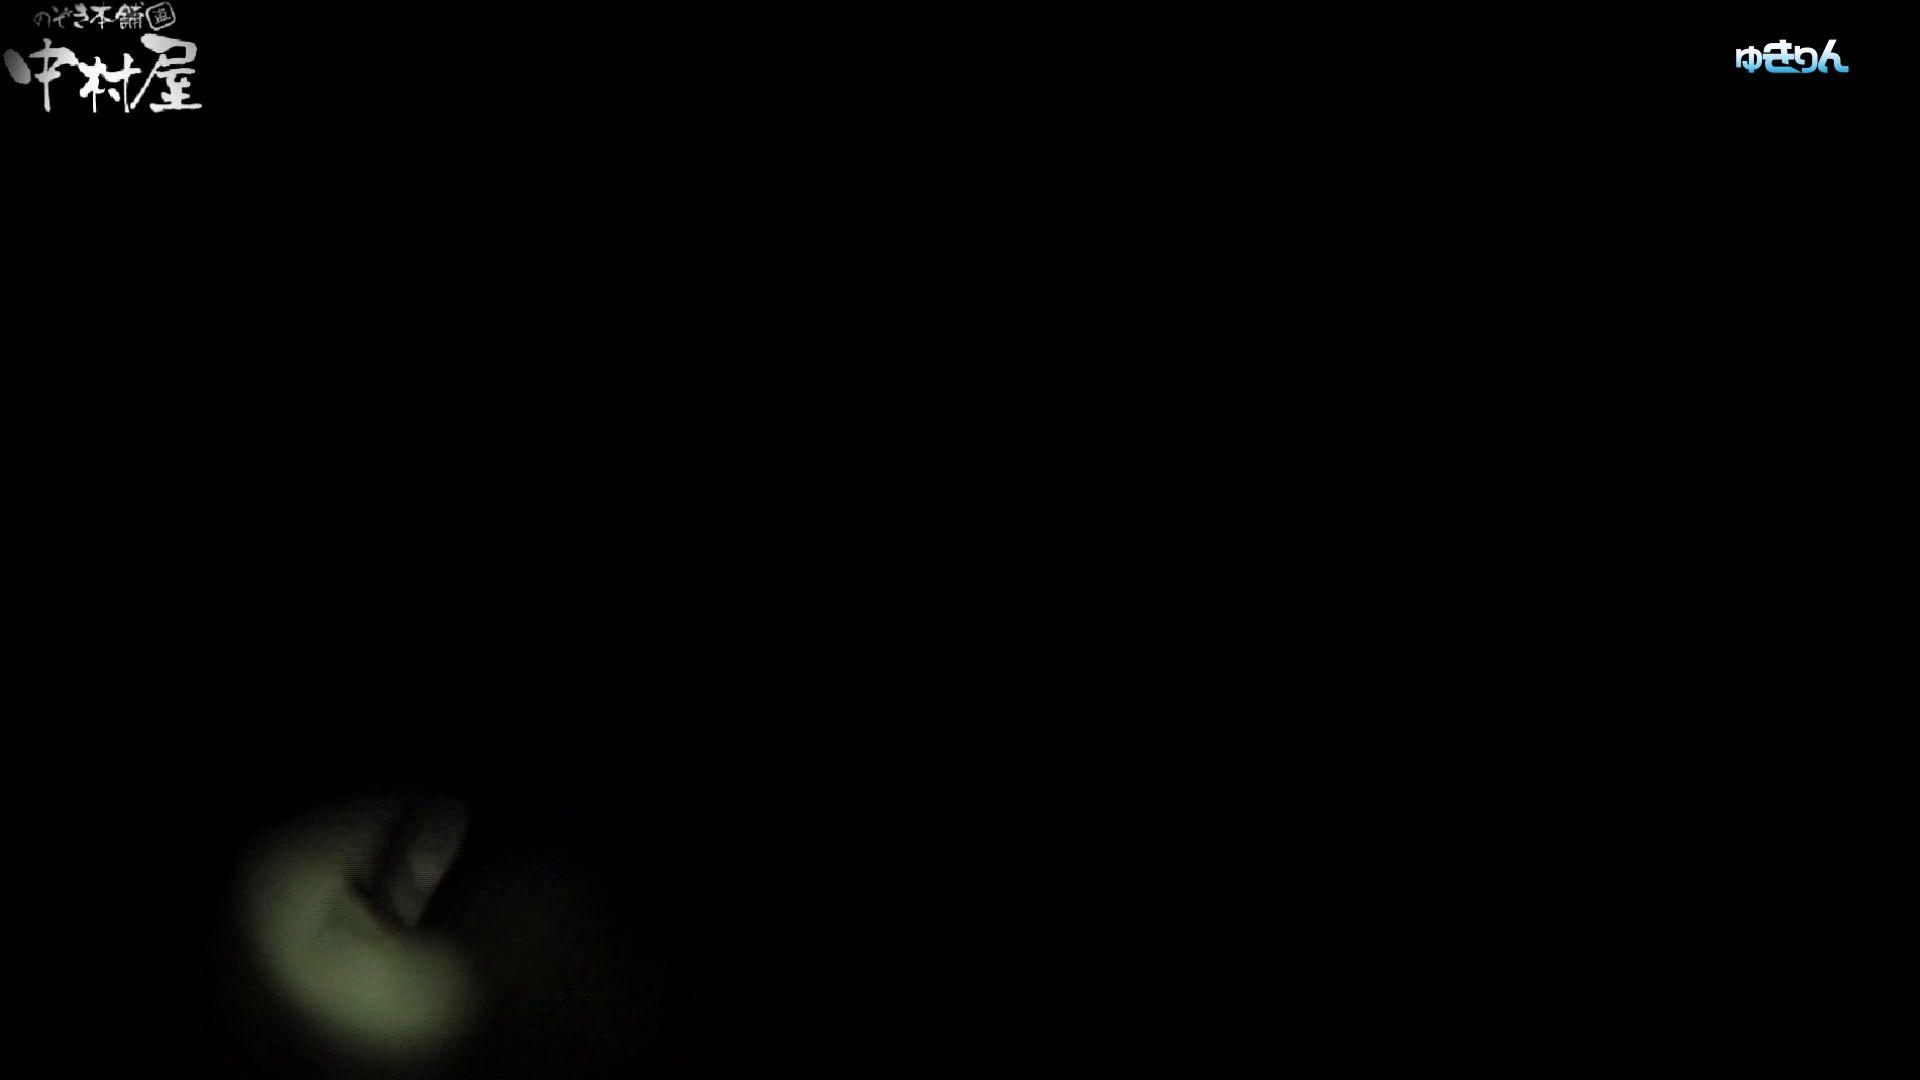 世界の射窓から~ステーション編 vol58 0.1%の確率!!吸い付こまれるプレミアム聖地 盗撮特集   おまんこ  83画像 57